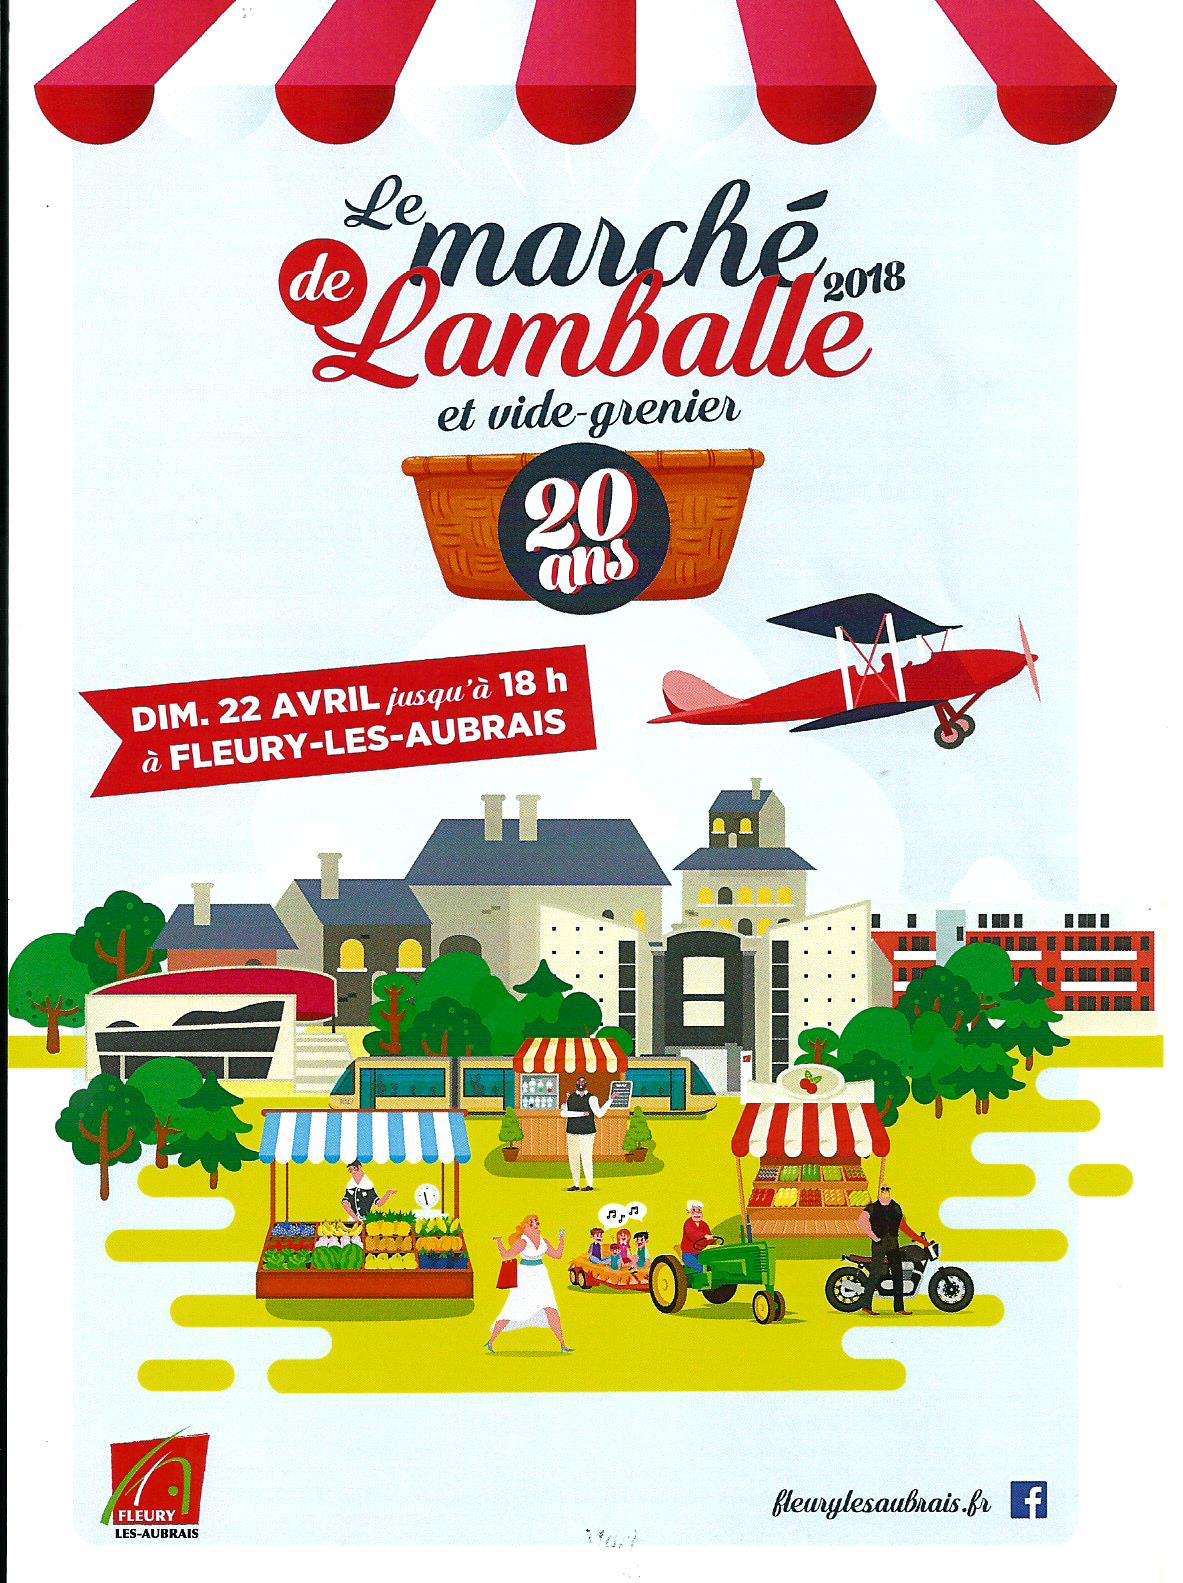 Scan Affiche Le Marché de Lamballe et Vide Grenier 2018 20 ans .jpg